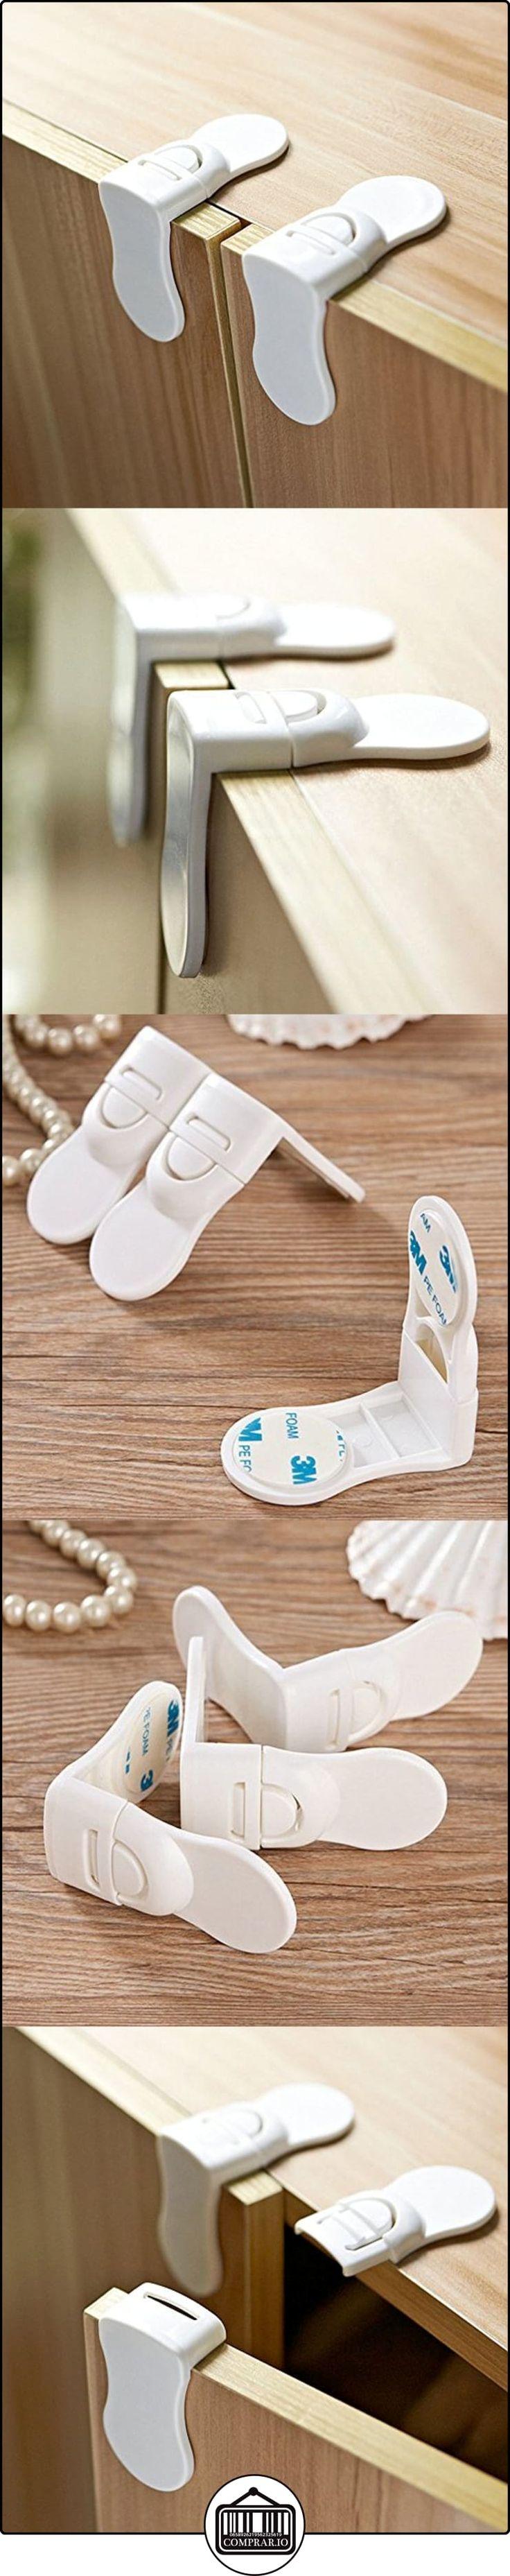 asentechuk® 5pcs Bebé Seguridad Cerraduras De Pantalla Tabla Corner Edge Protección Cubierta de los niños Edge Corner Guards  ✿ Seguridad para tu bebé - (Protege a tus hijos) ✿ ▬► Ver oferta: http://comprar.io/goto/B01J2YN6K0